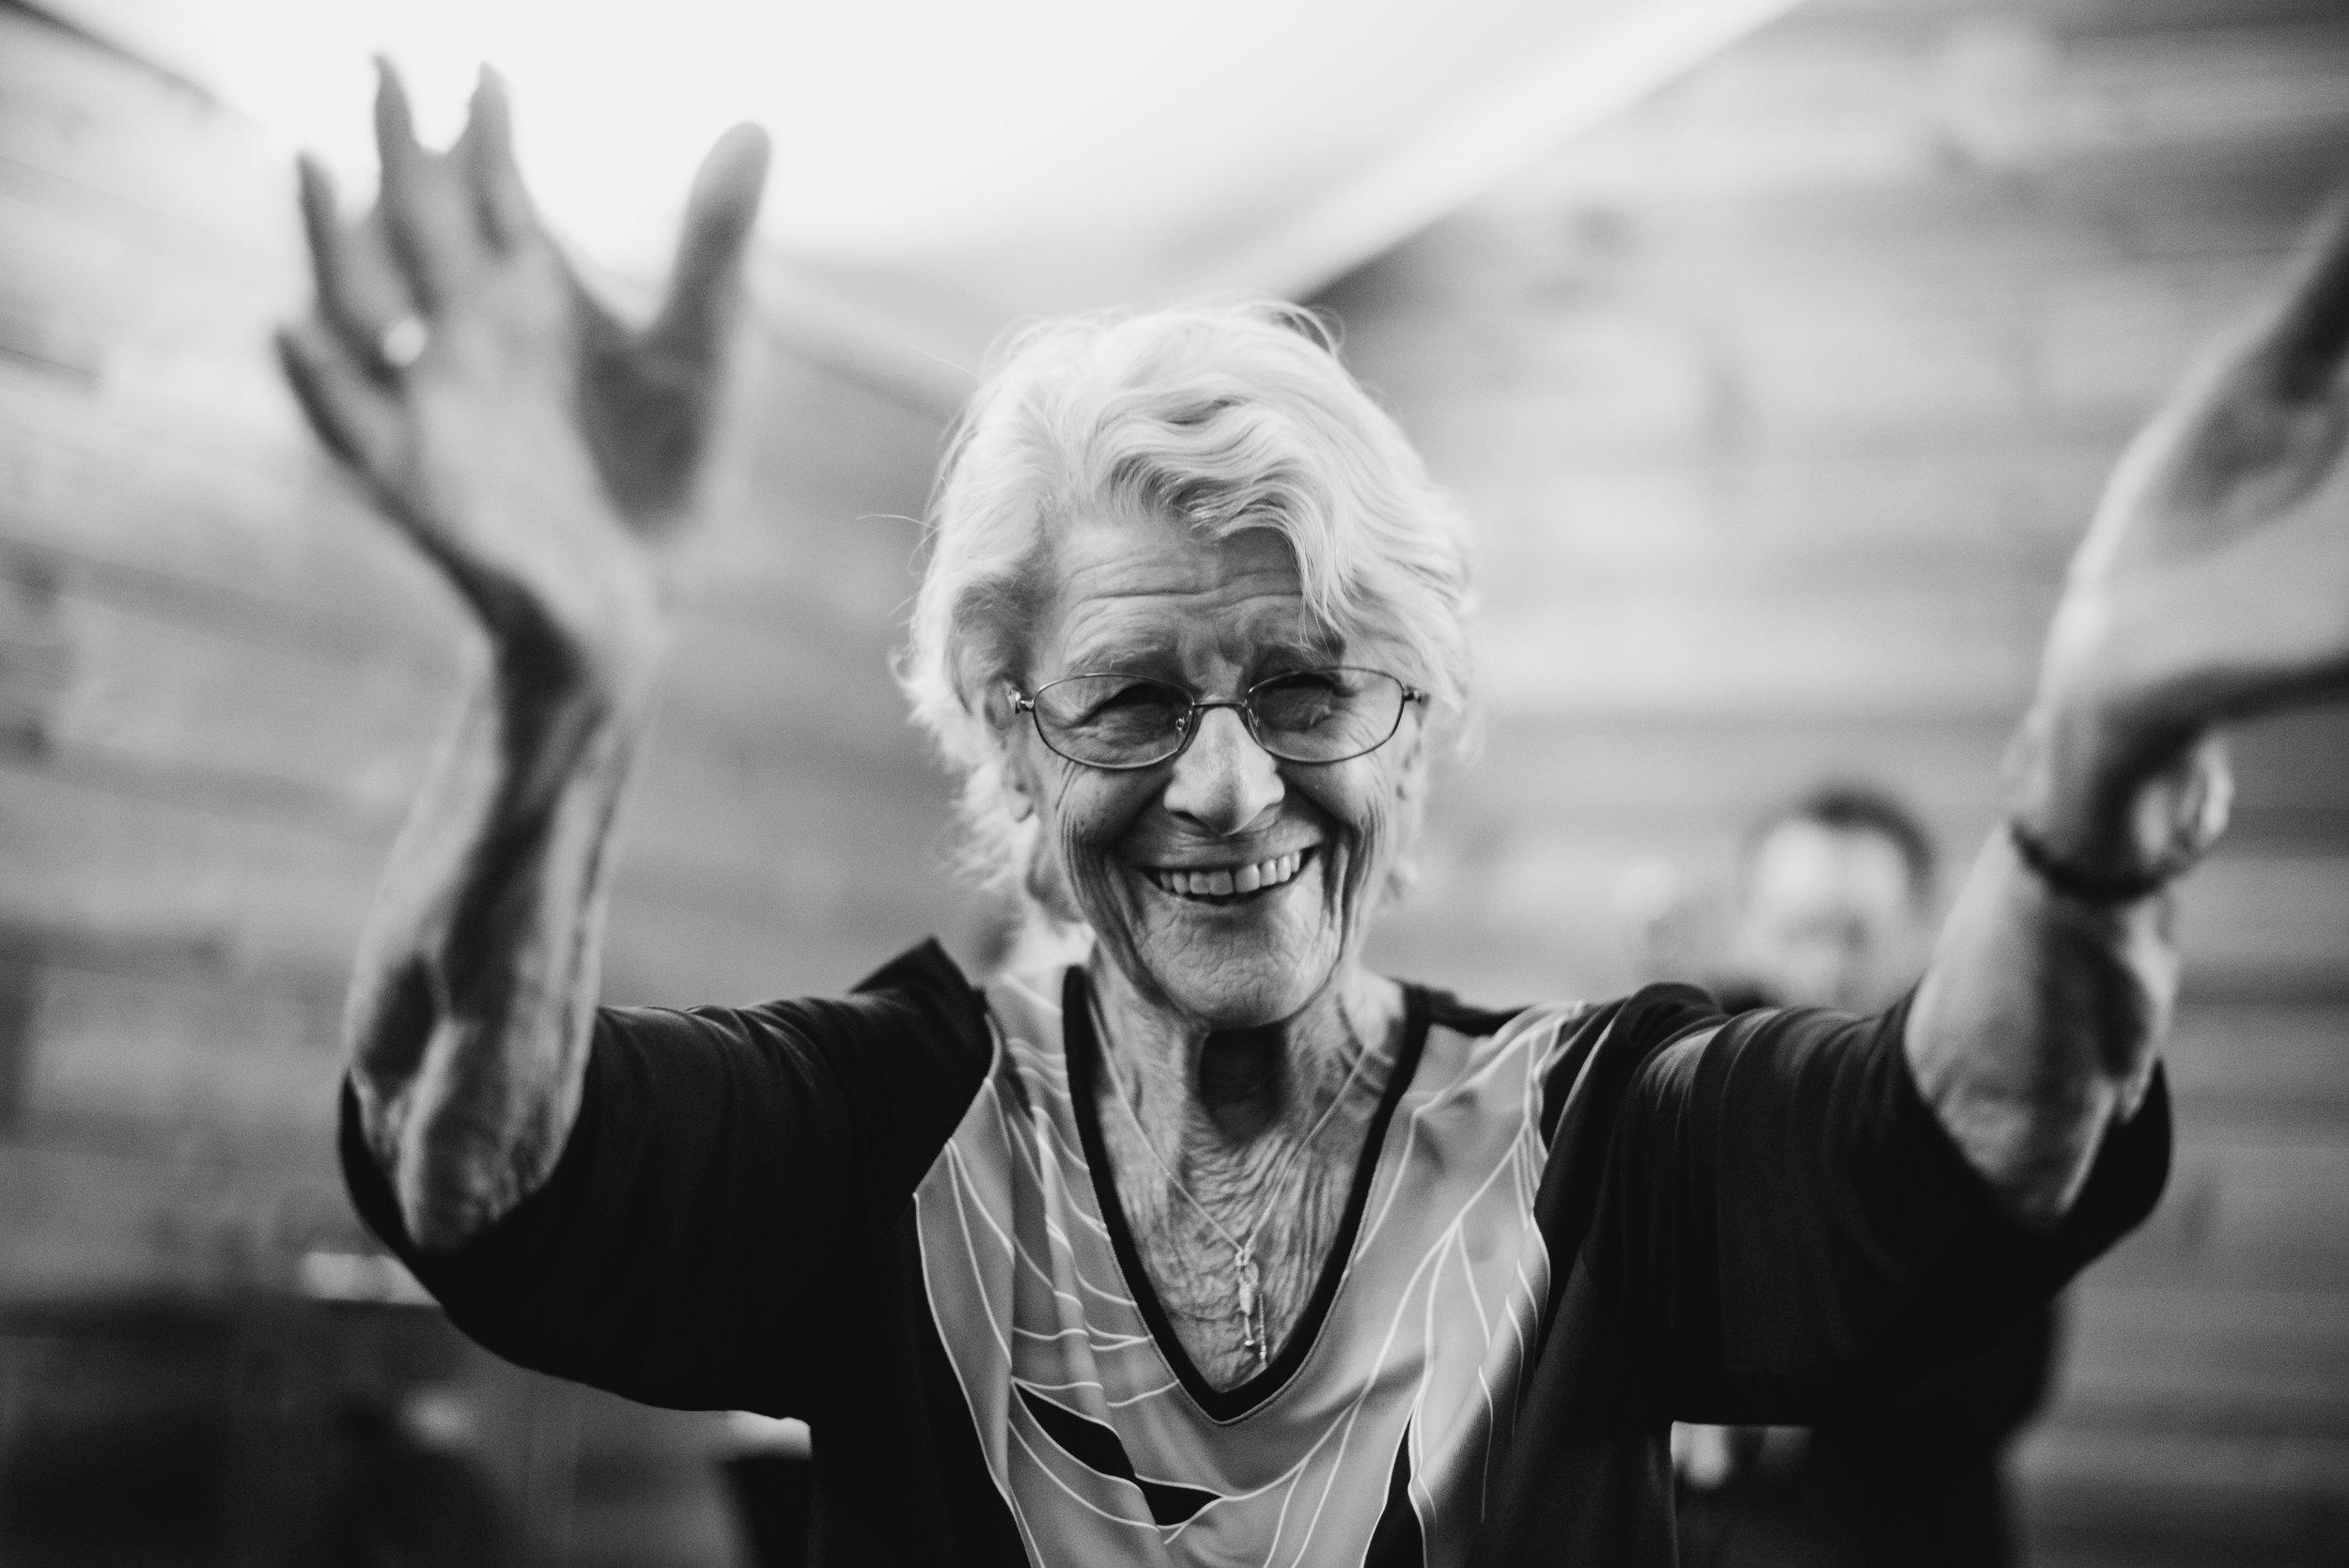 Léa-Fery-photographe-professionnel-lyon-rhone-alpes-portrait-creation-mariage-evenement-evenementiel-famille-8270.jpg